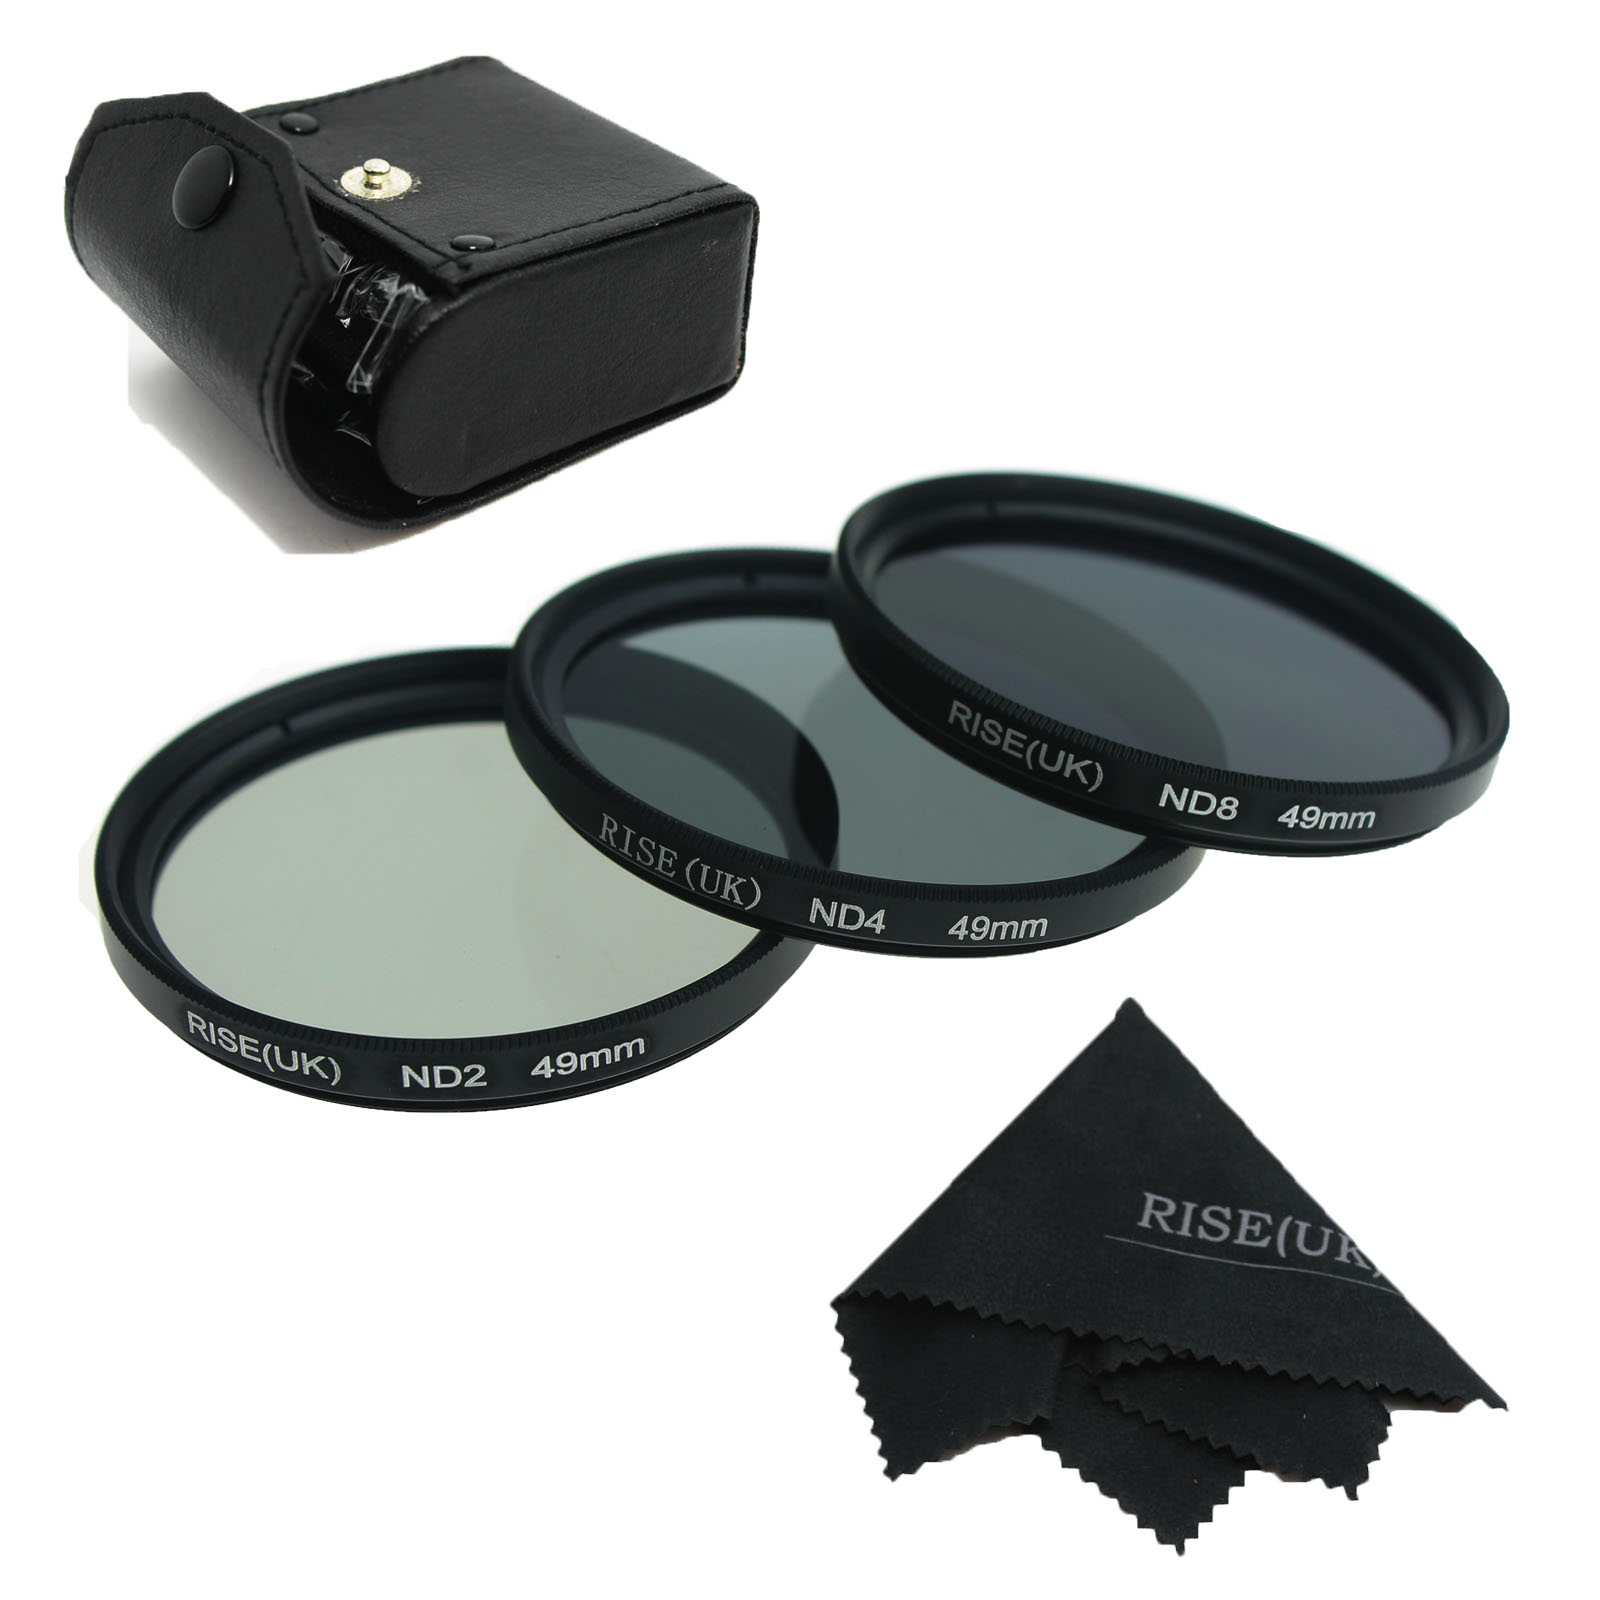 RISE(UK) 49mm 52mm 55mm 58mm 62mm 67mm 72mm 77MM Neutral Density Filter Lens Set Kit ND2 ND4 ND8 ND 2 4 8 3pcs lot 58mm neutral density nd2 nd4 nd8 filter set 58 mm camera lens nd filtros for canon 600d 550d 450d rebel t4i t3 18 55mm